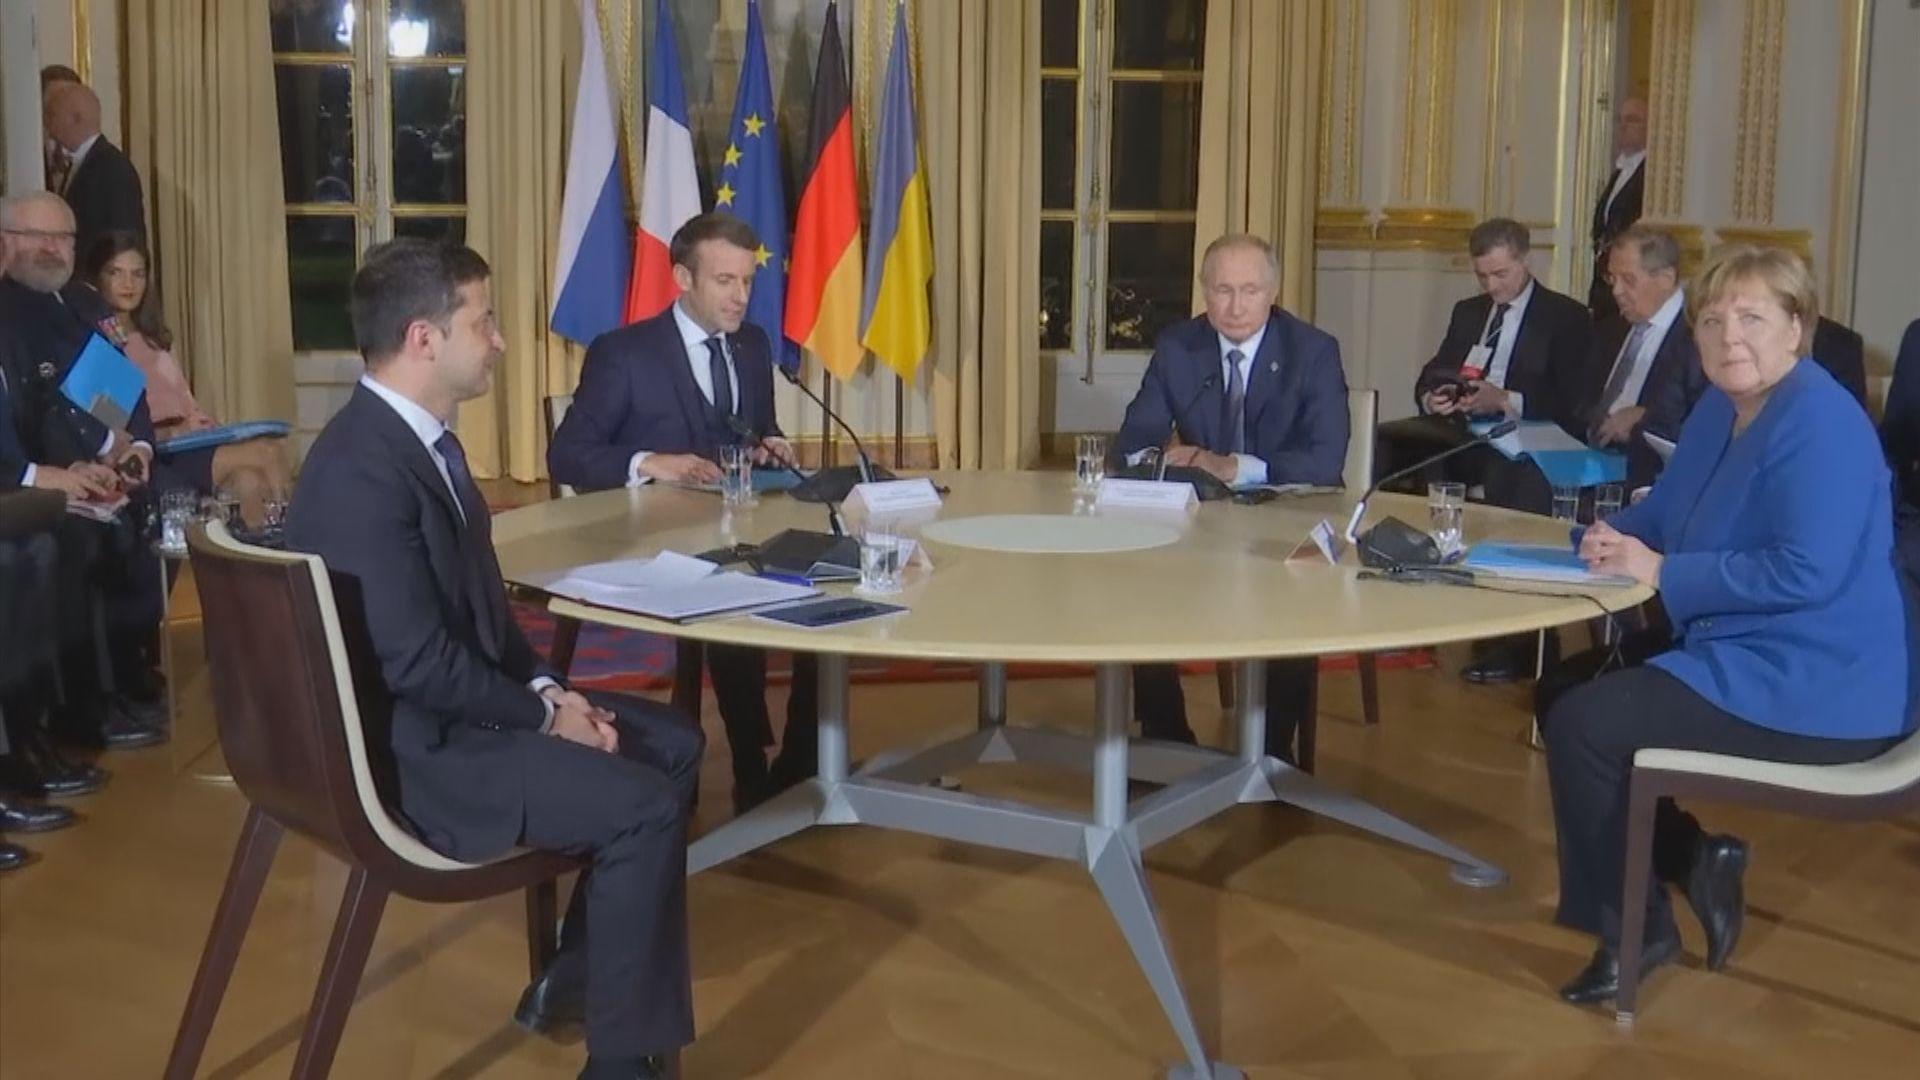 俄烏法德舉行四方會談商討化解烏東危機